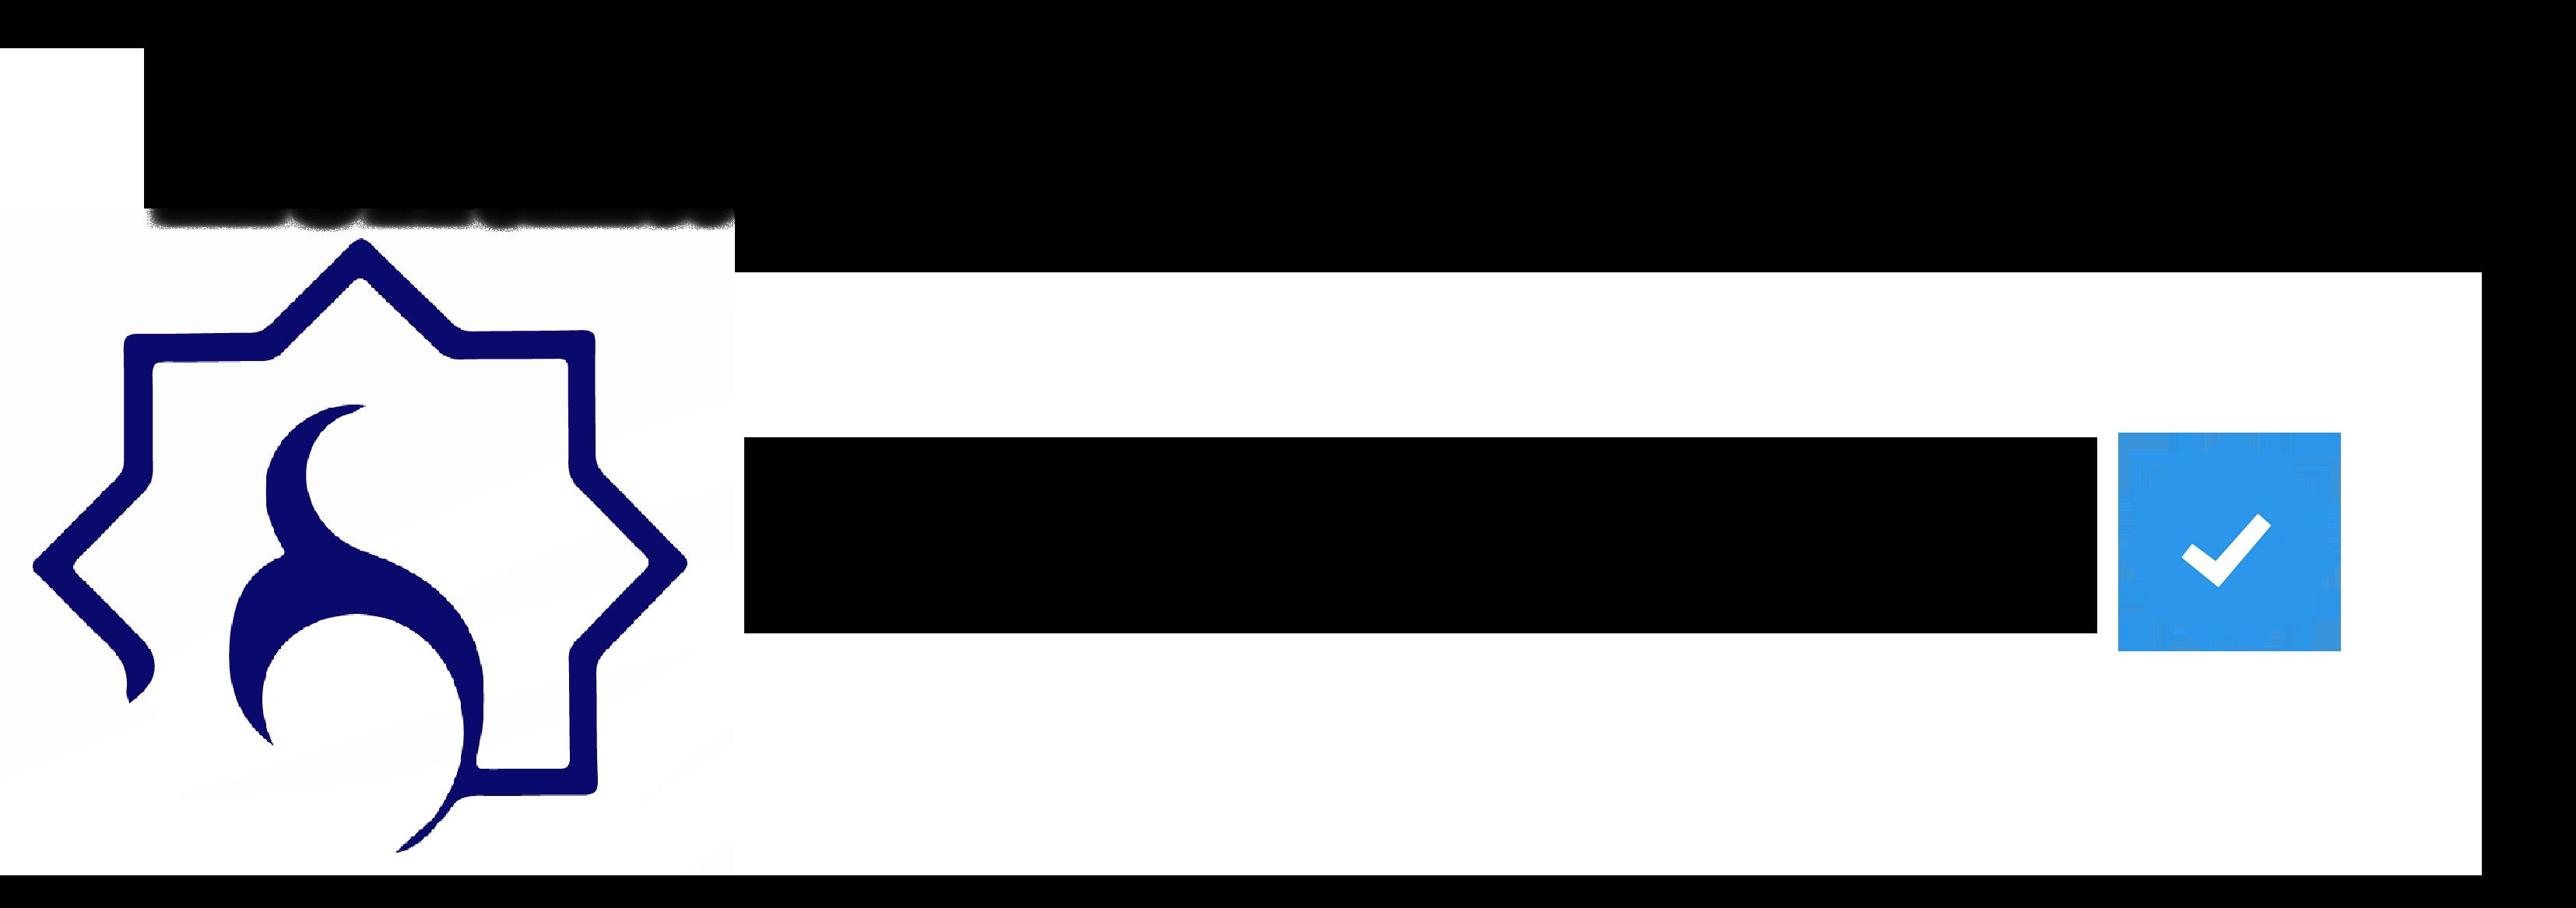 وبسایت رسمی دهیاری زنوزق